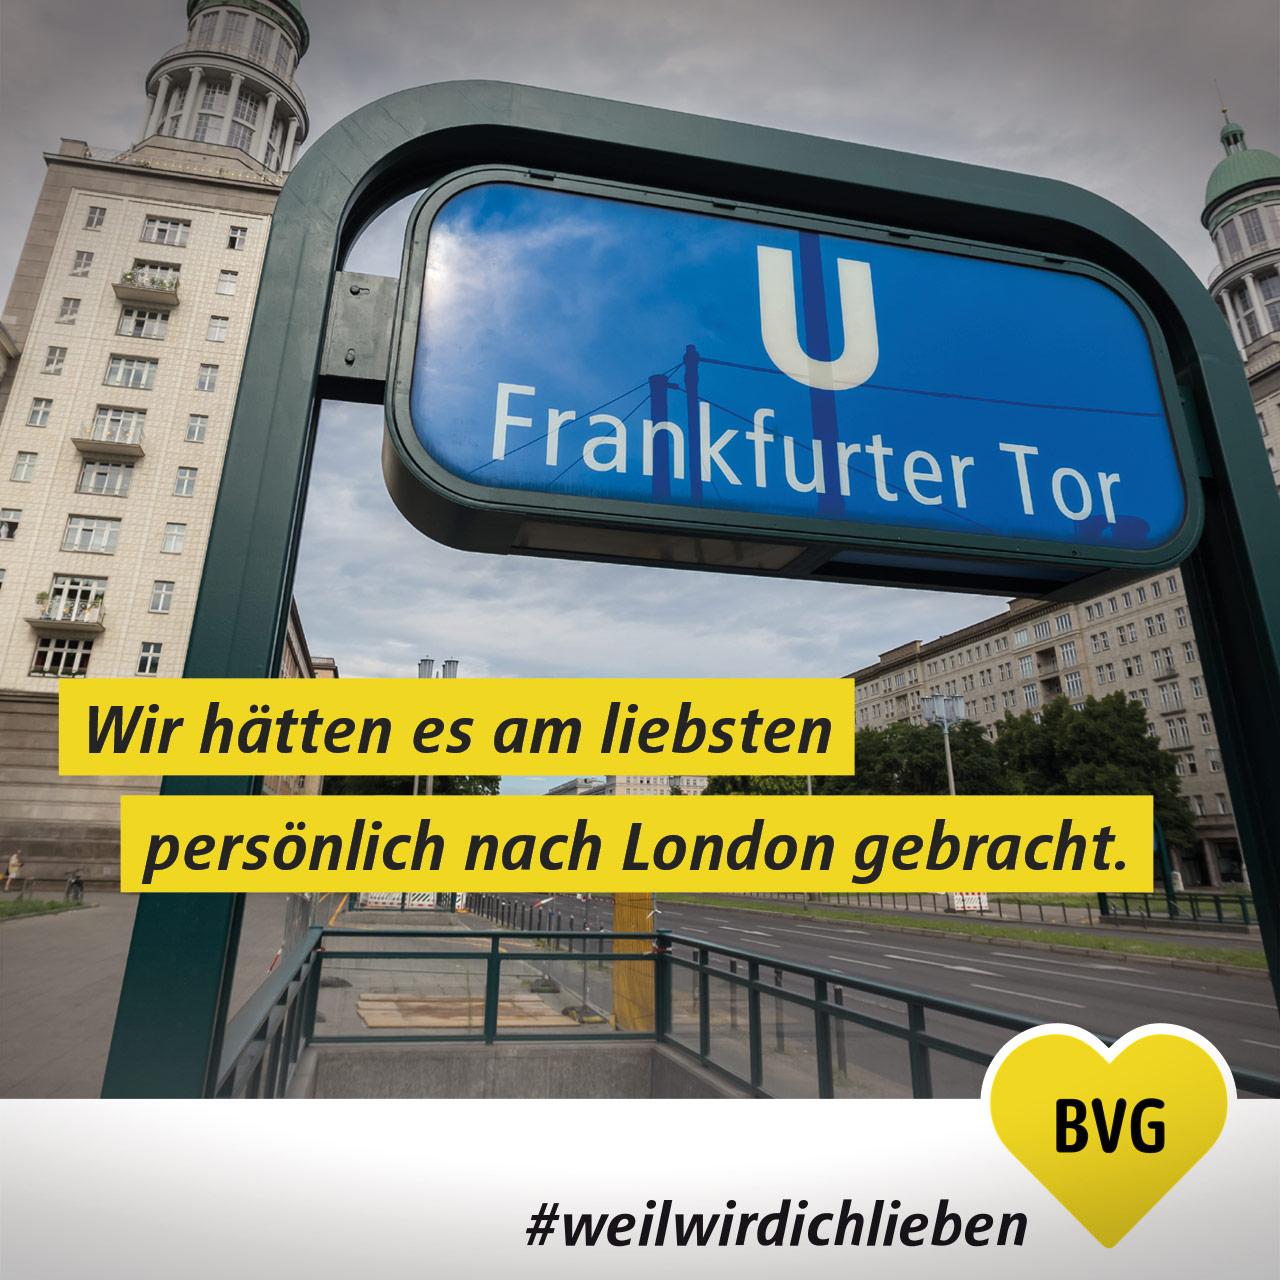 BVG_190510_Newsfeed_FrankfurterTor_FB_1280x1280px